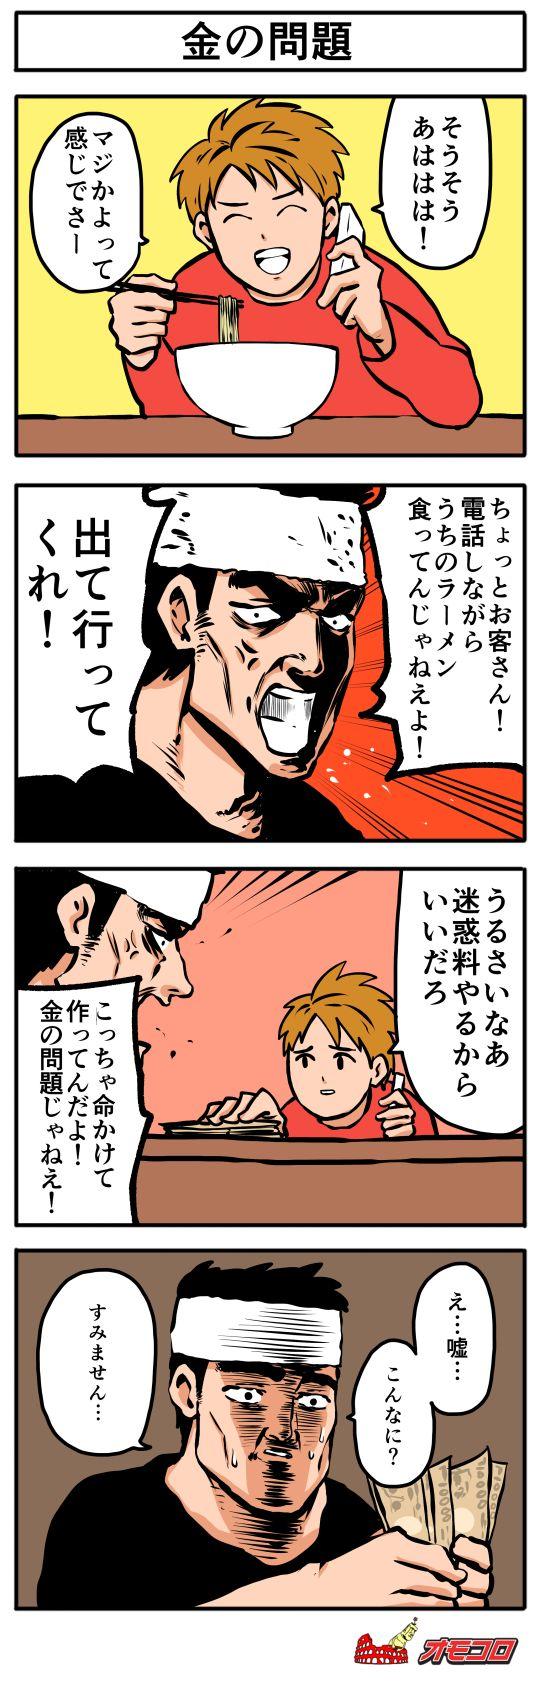 【4コマ漫画】金の問題 | オモコロ あたまゆるゆるインターネット